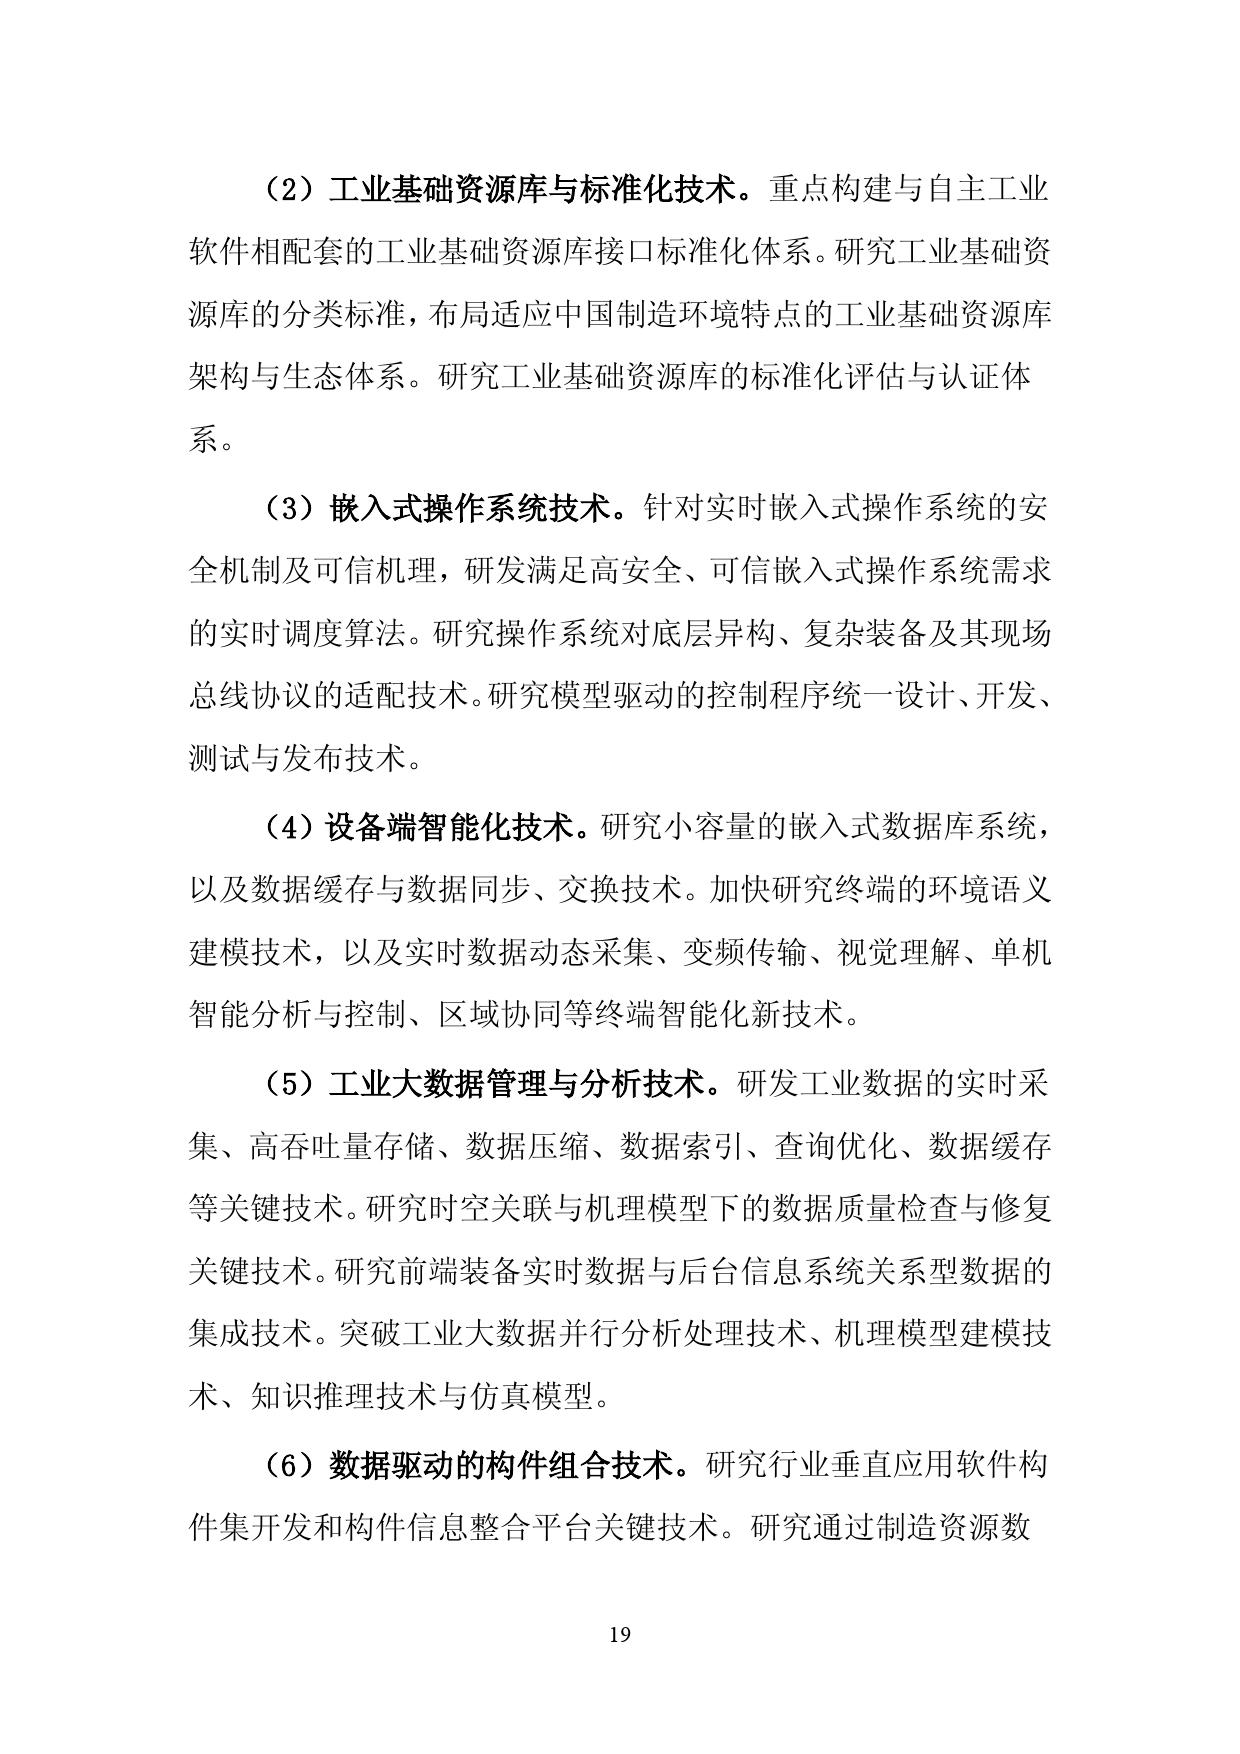 《中国制造 2025》重点领域技术路线图_000025